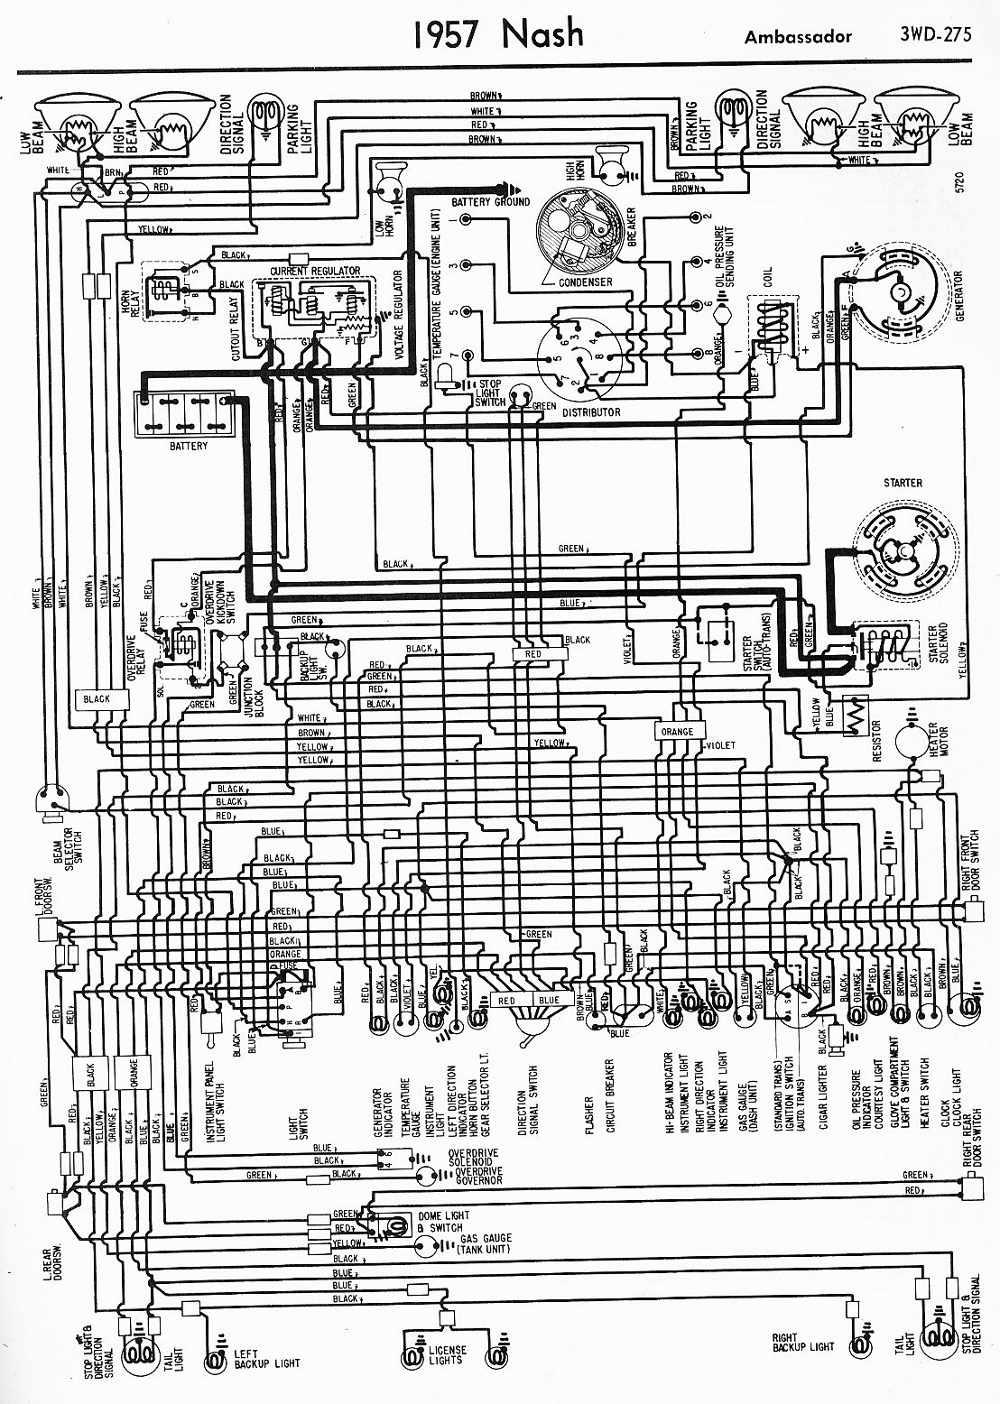 1957 Nash Metropolitan Wiring Diagram - Trusted Wiring Diagram •